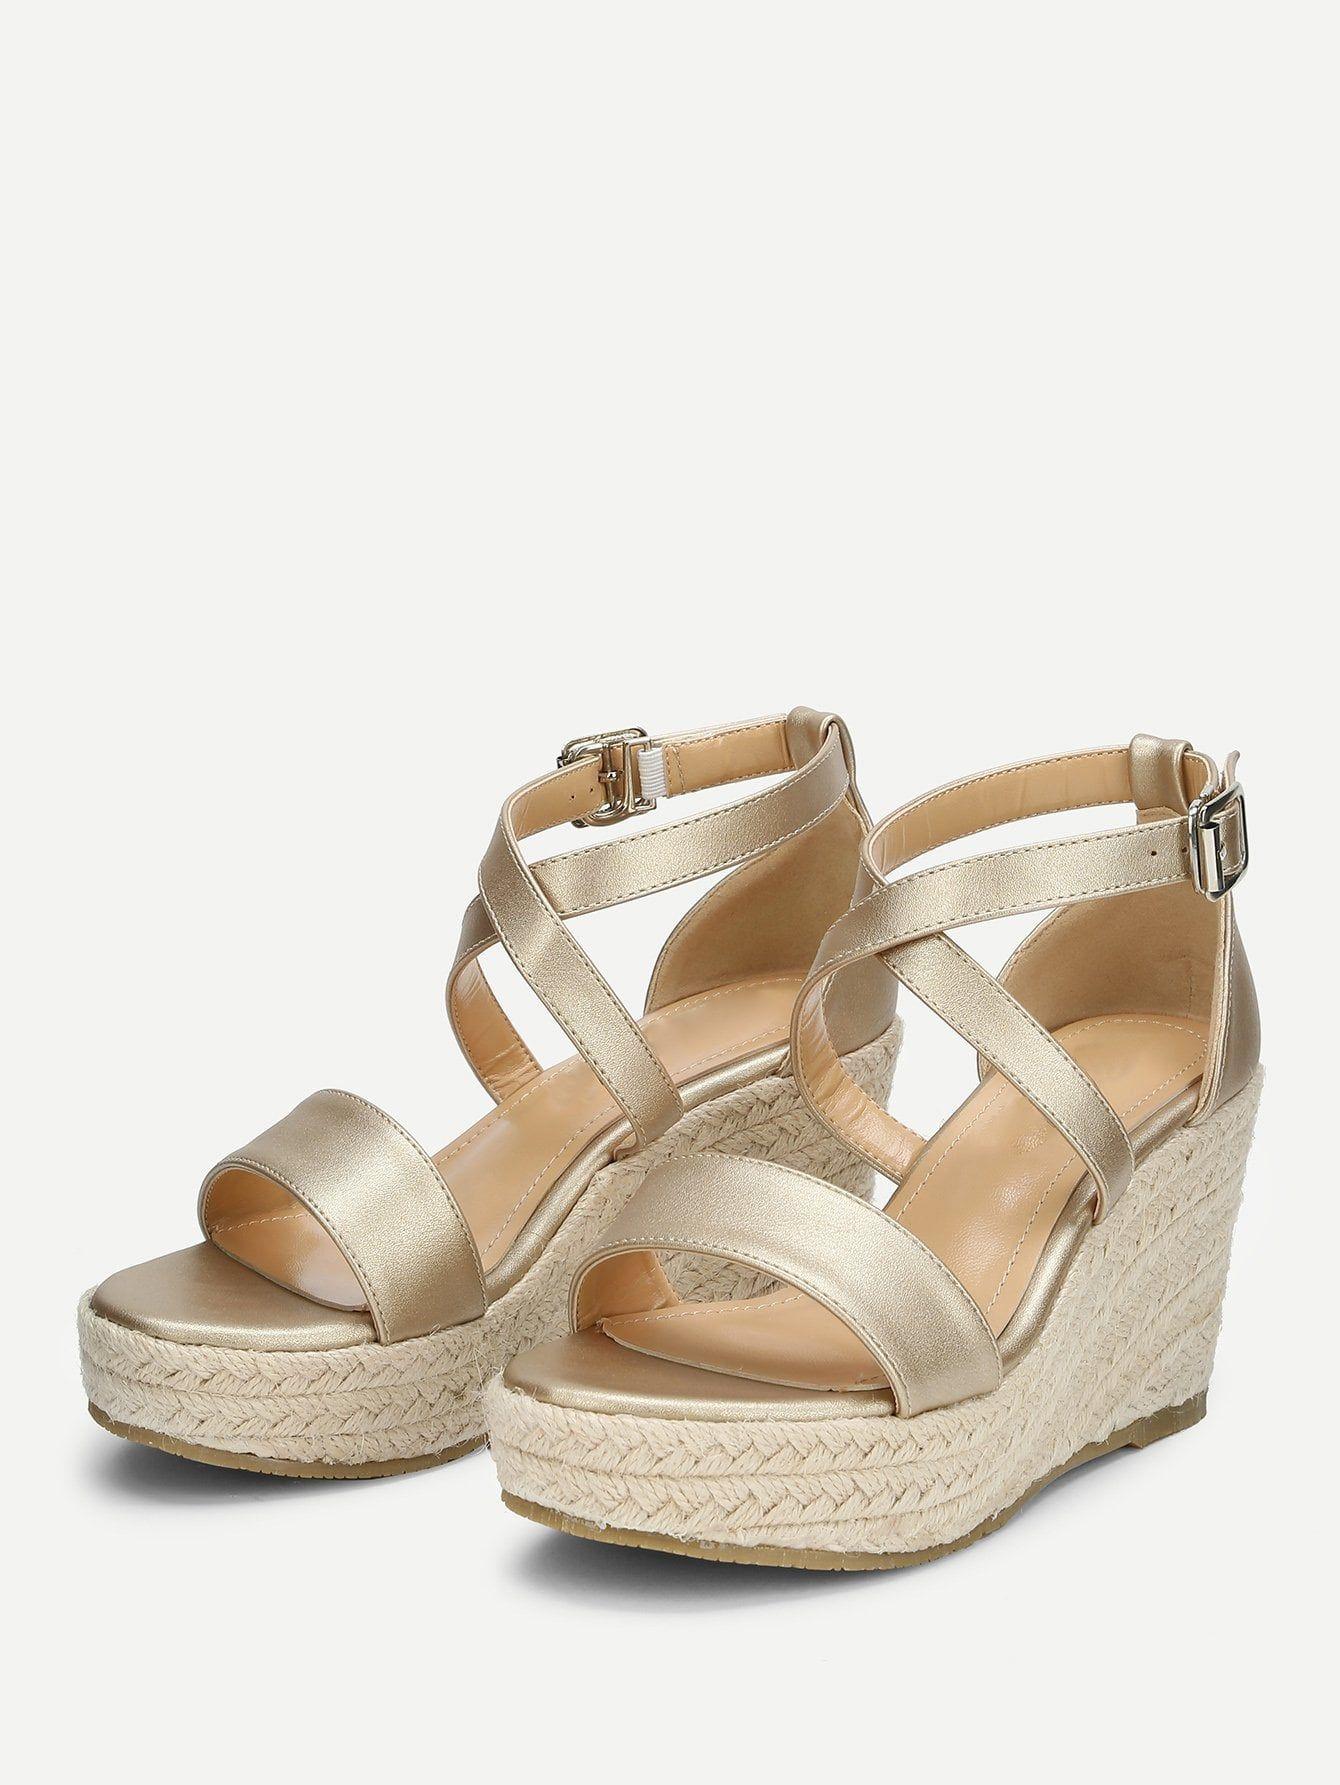 0f318a17a2bf Vacation Open Toe Platform Criss Cross Gold High Heel Espadrille Platform  Criss Cross Wedge Sandals